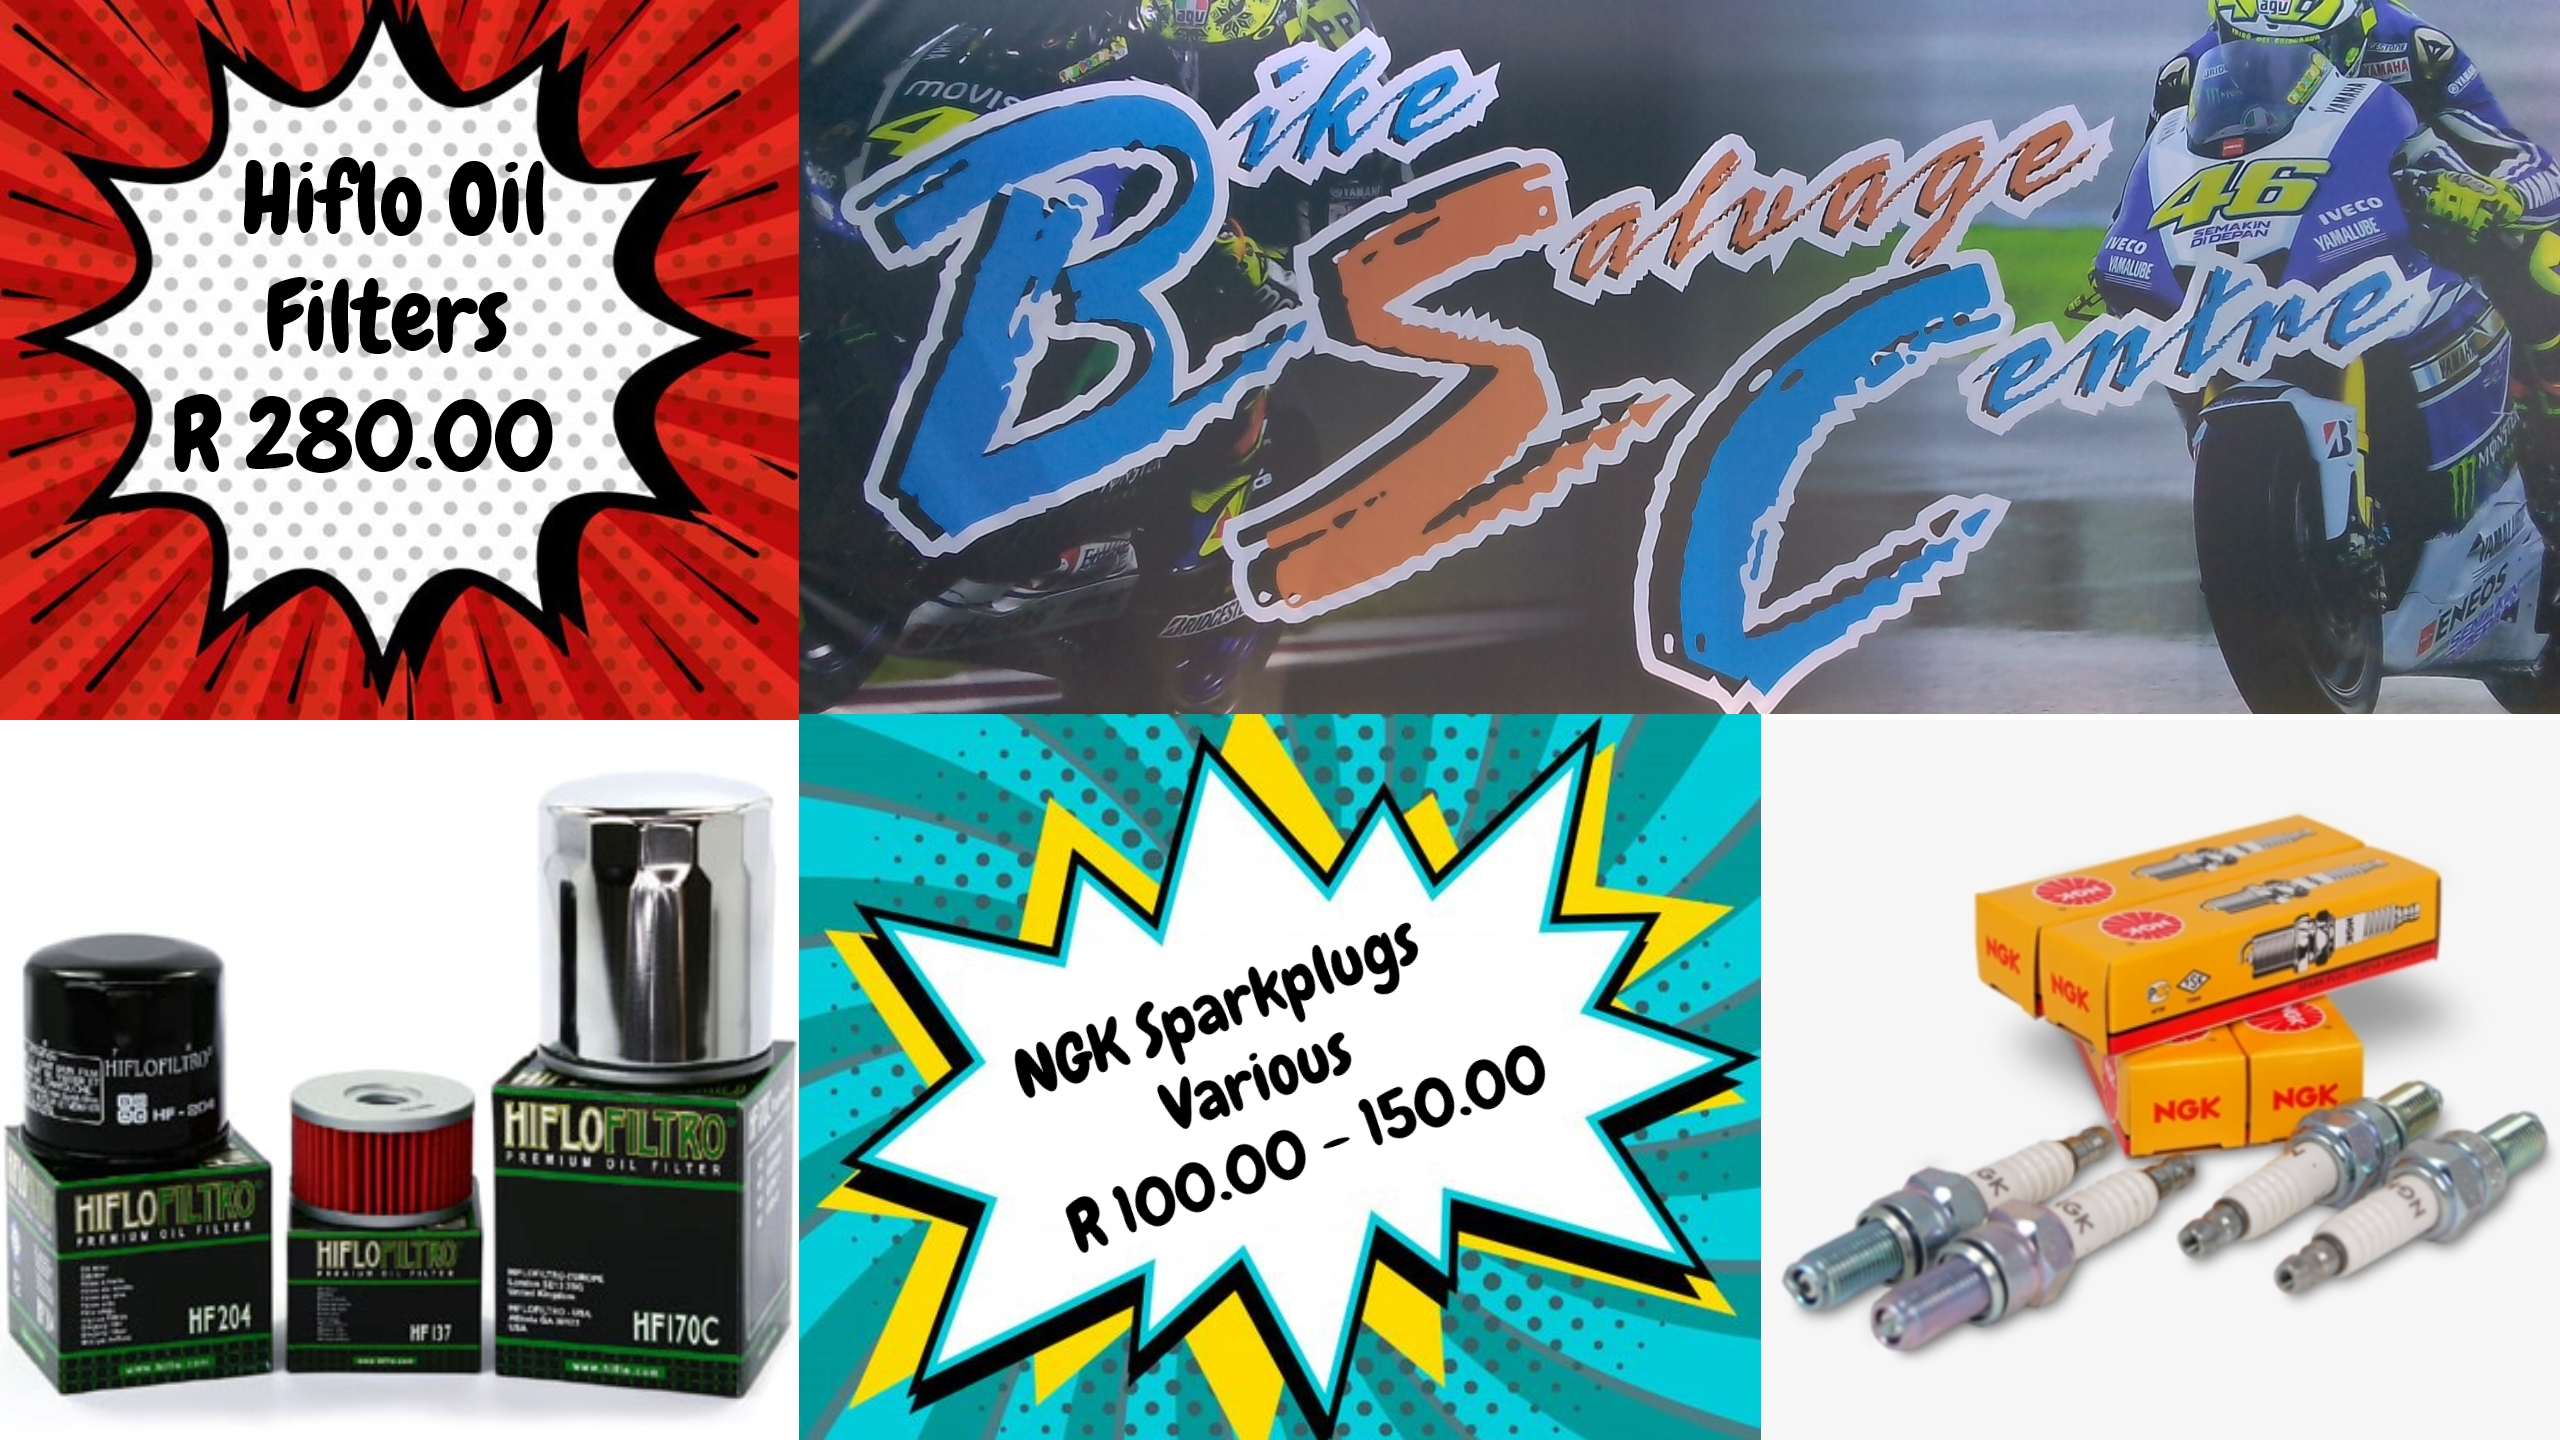 ngk--nst-spark-plugs-&amp-hi-flo-oil-filter